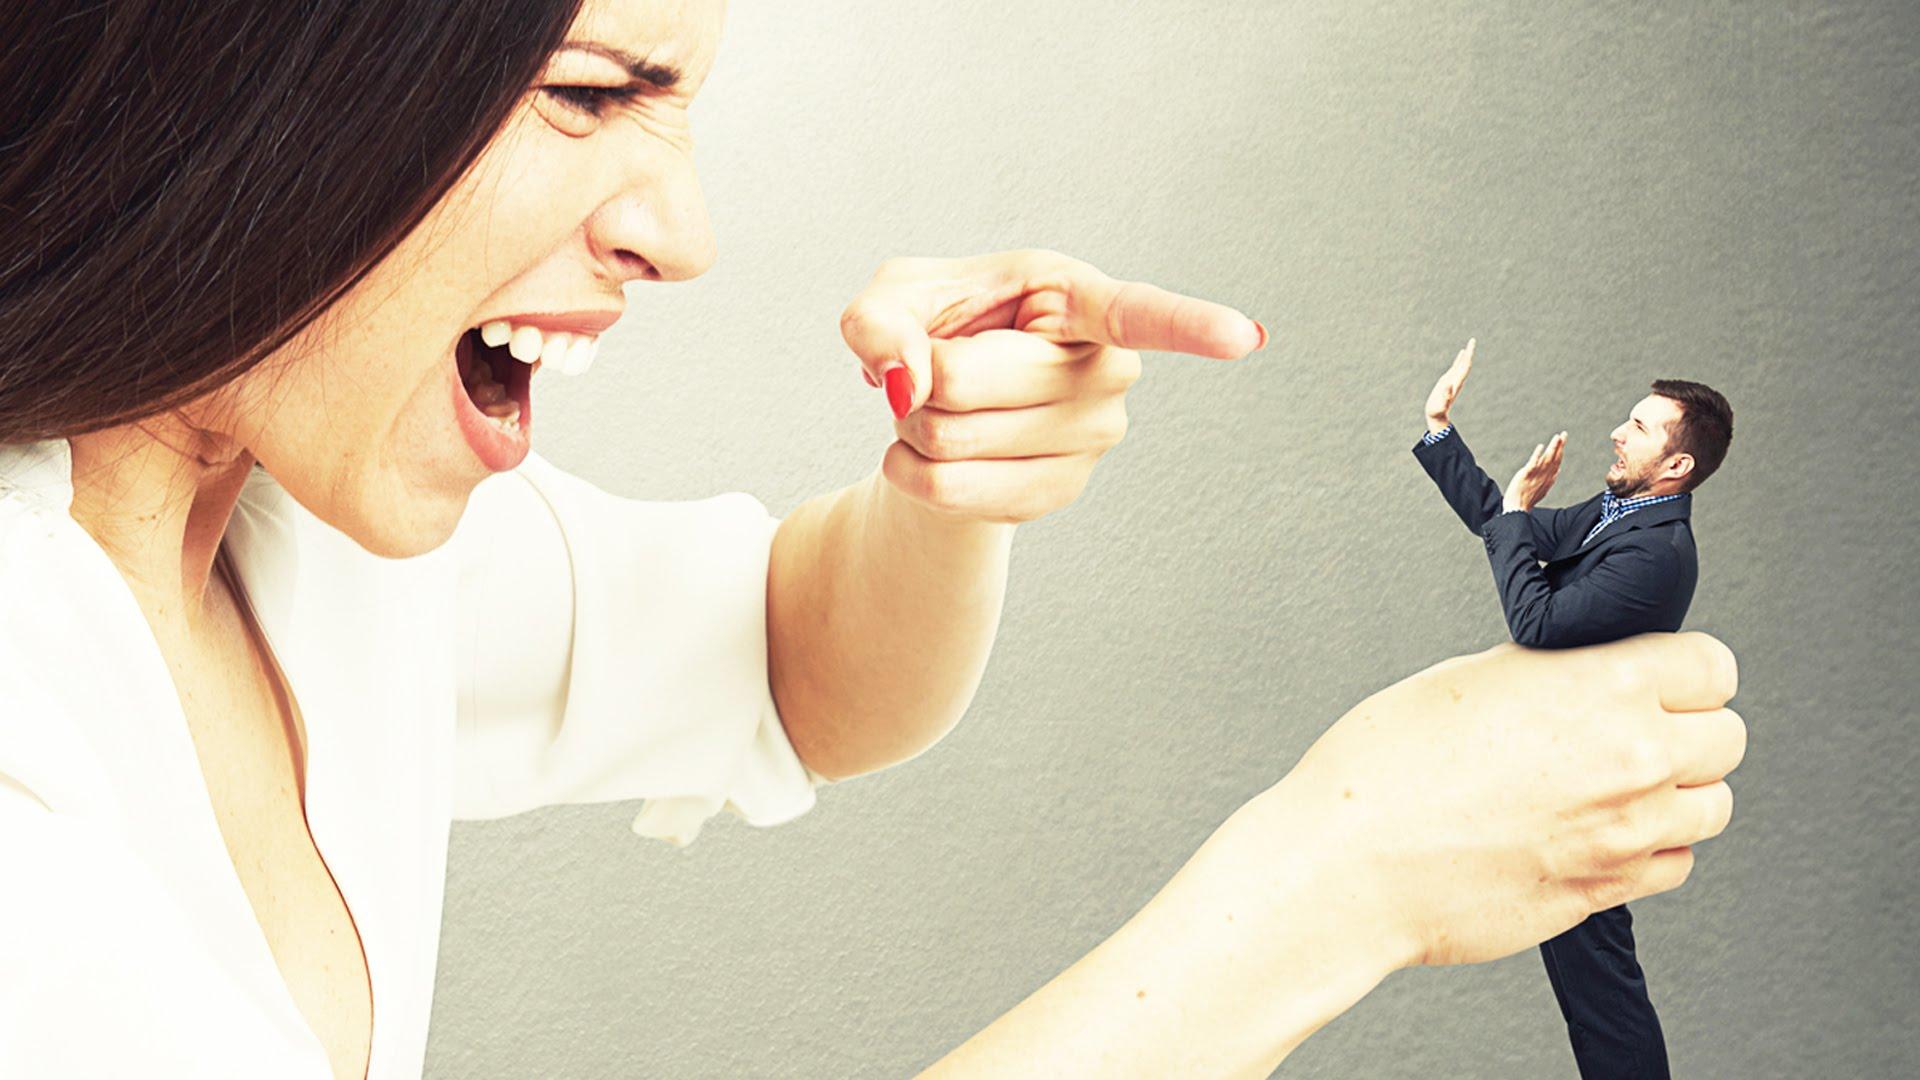 Đàn ông sợ vợ nói nhiều, hay càm ràm